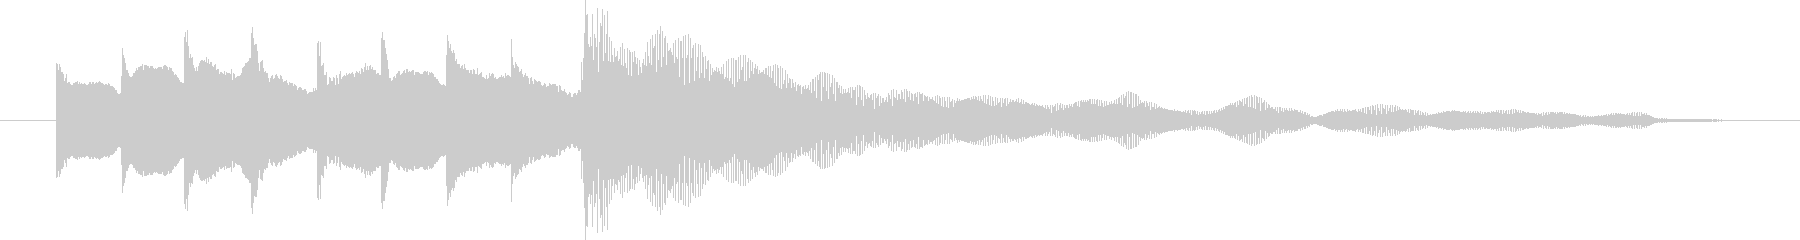 駅の発車メロ風、ベル系のアイキャッチの未再生の波形